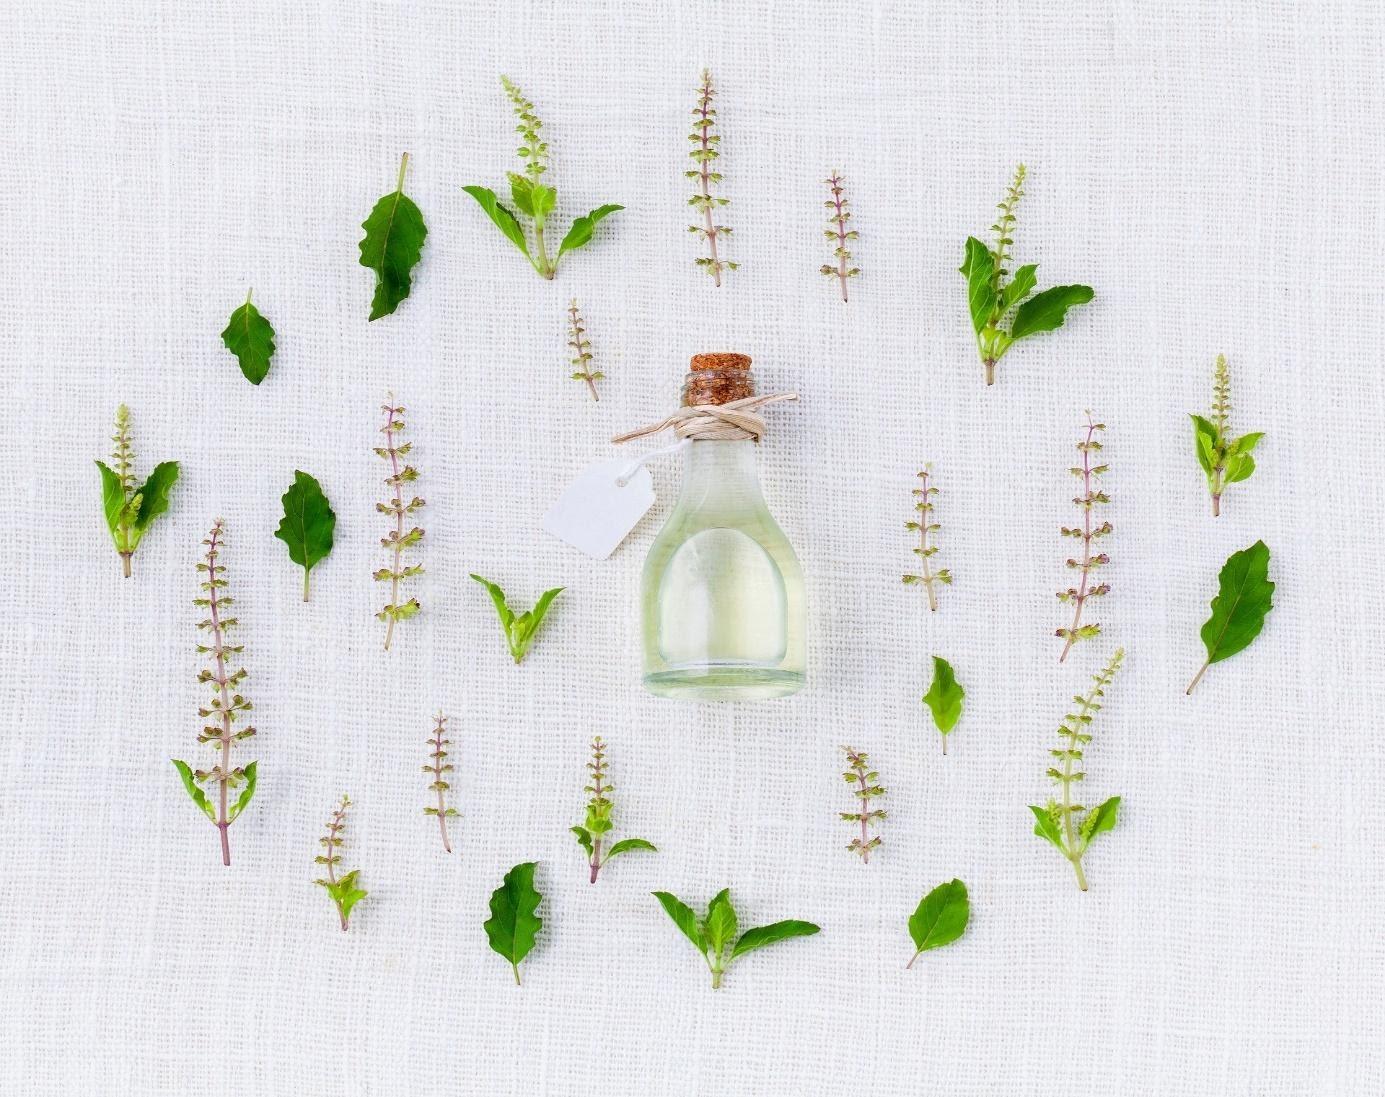 preparaty ziołowe do skóry twarzy